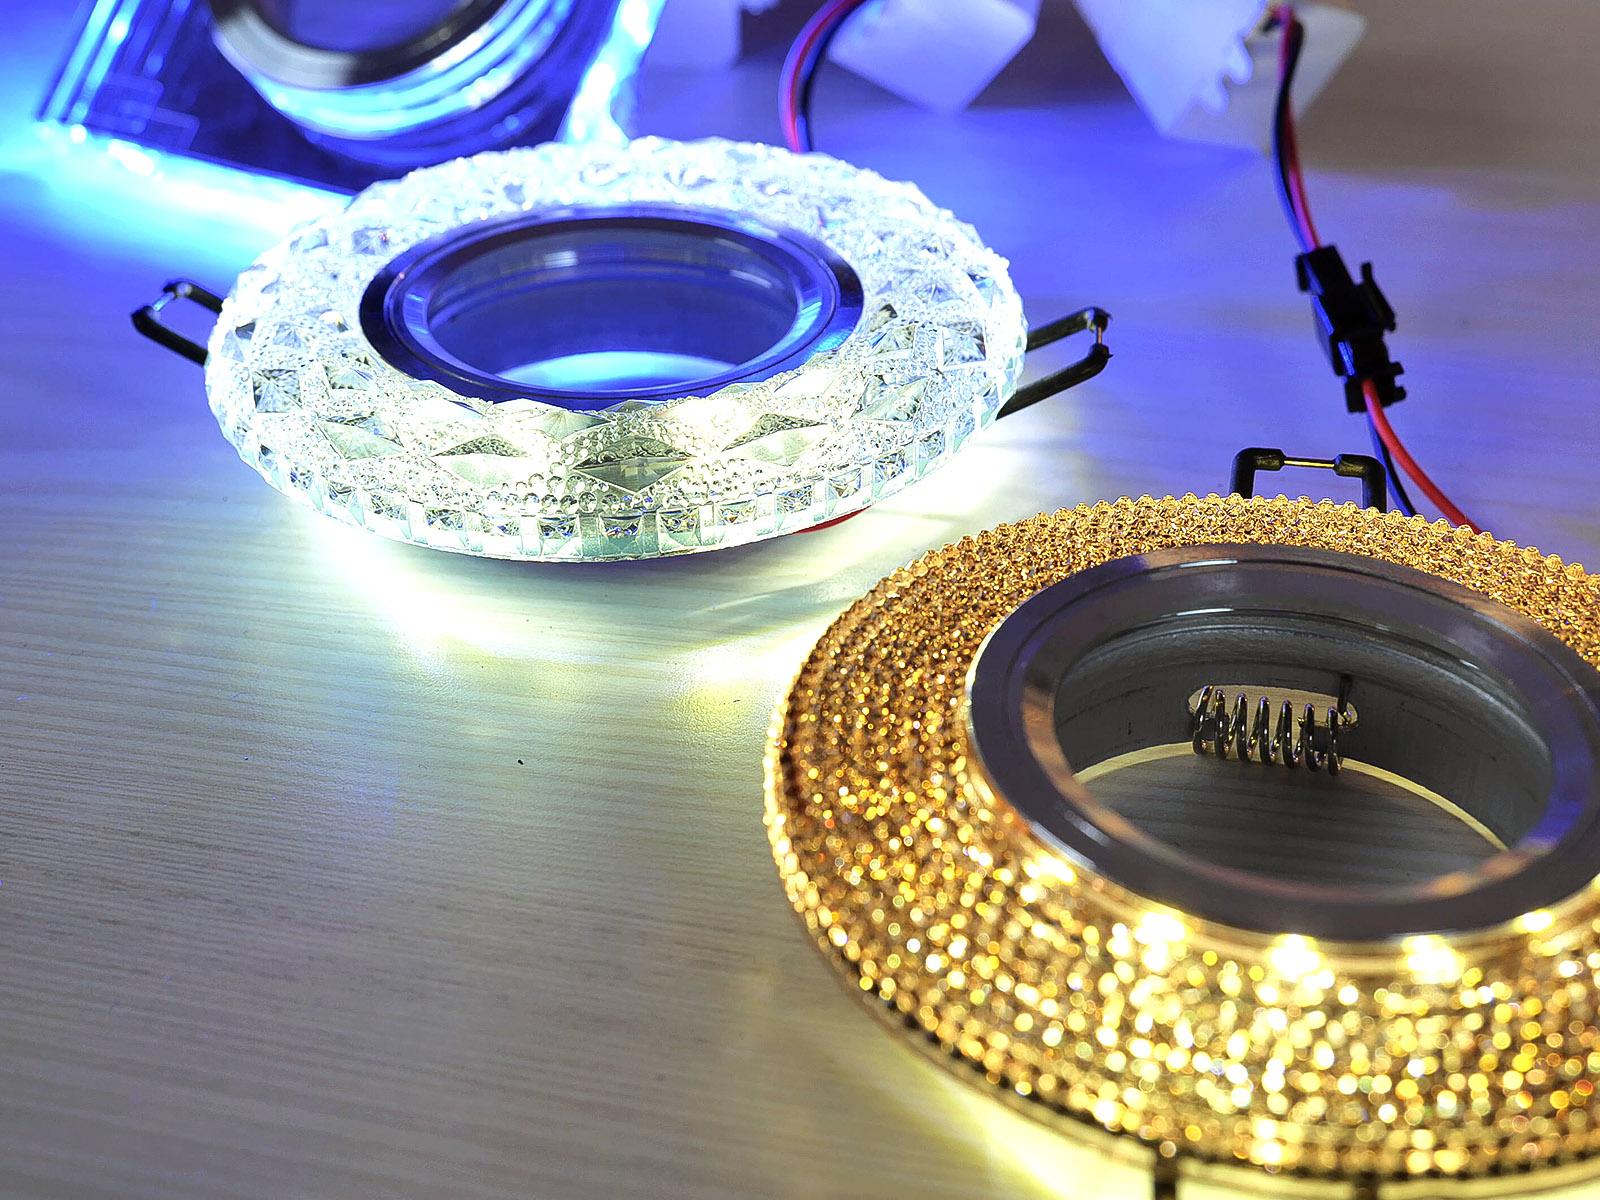 A világítós keret igazi különlegesség: a GU10 izzó a fővilágításról gondoskodik, az oldalt elhelyezkedő kiegészítő fény pedig a hangulatvilágításról.